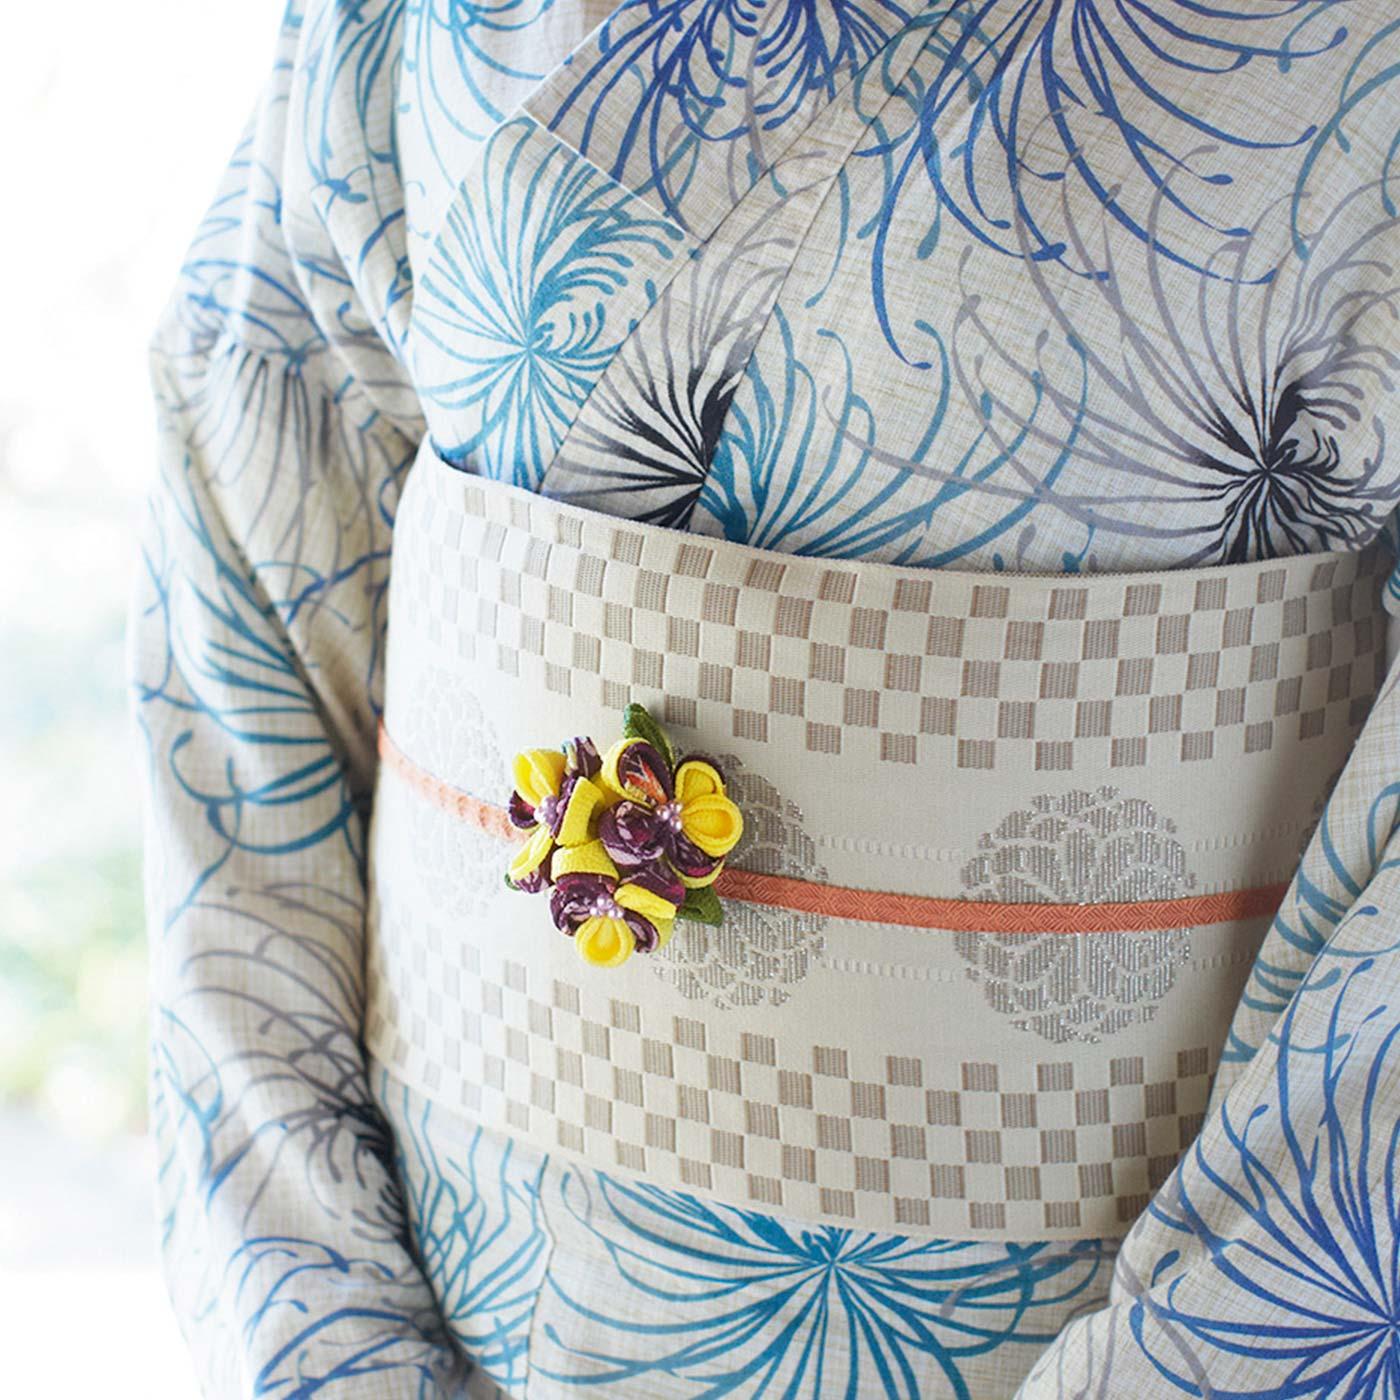 大きいサイズのお花は、クリップとピンが付いた土台付き。ブローチとしてはもちろん、帯留めとしても活躍。和の装いが一気に華やかに。